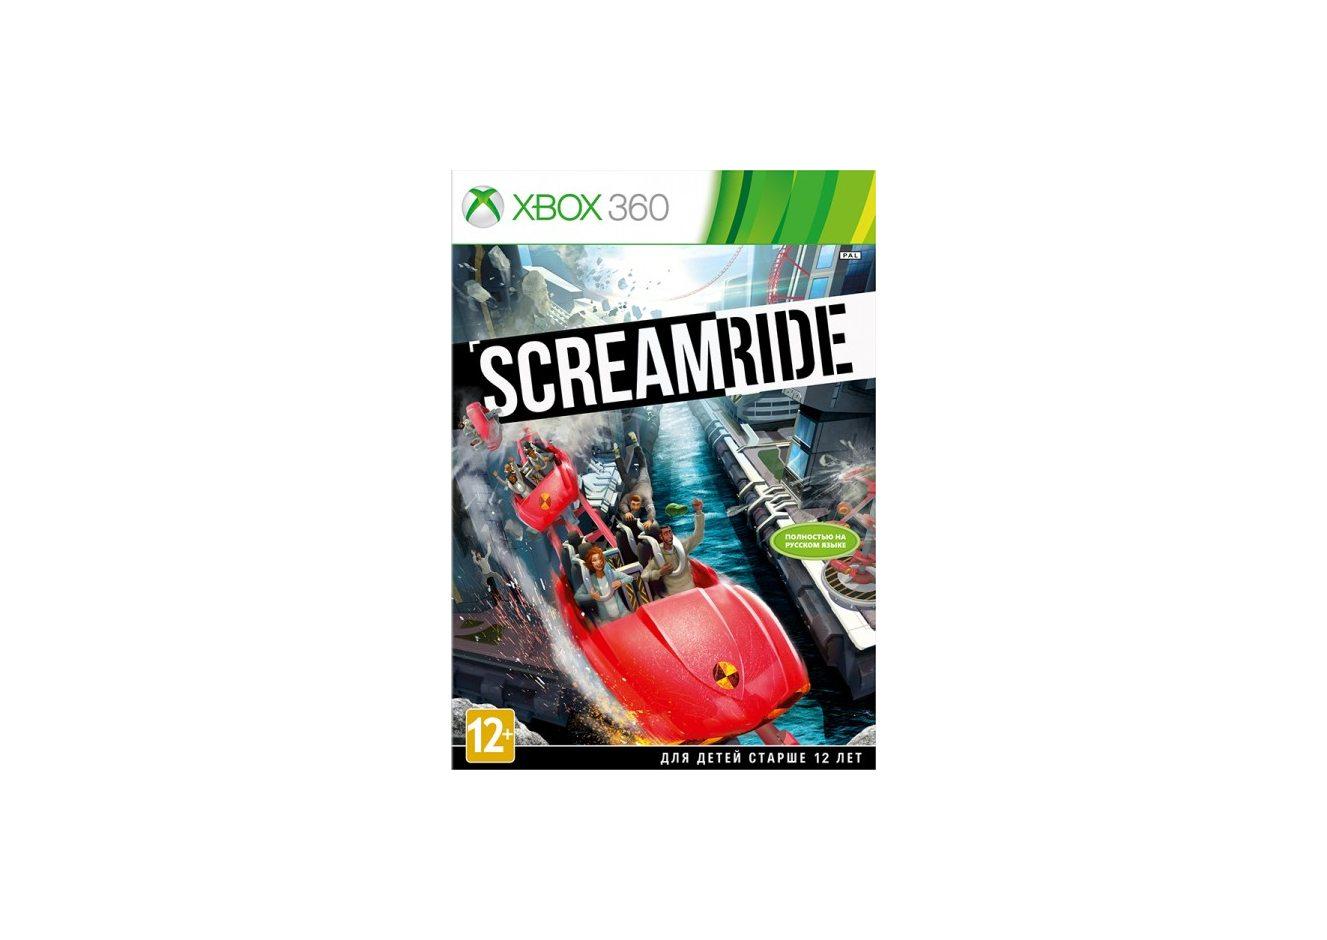 Xbox 360 Screamride Xbox 360